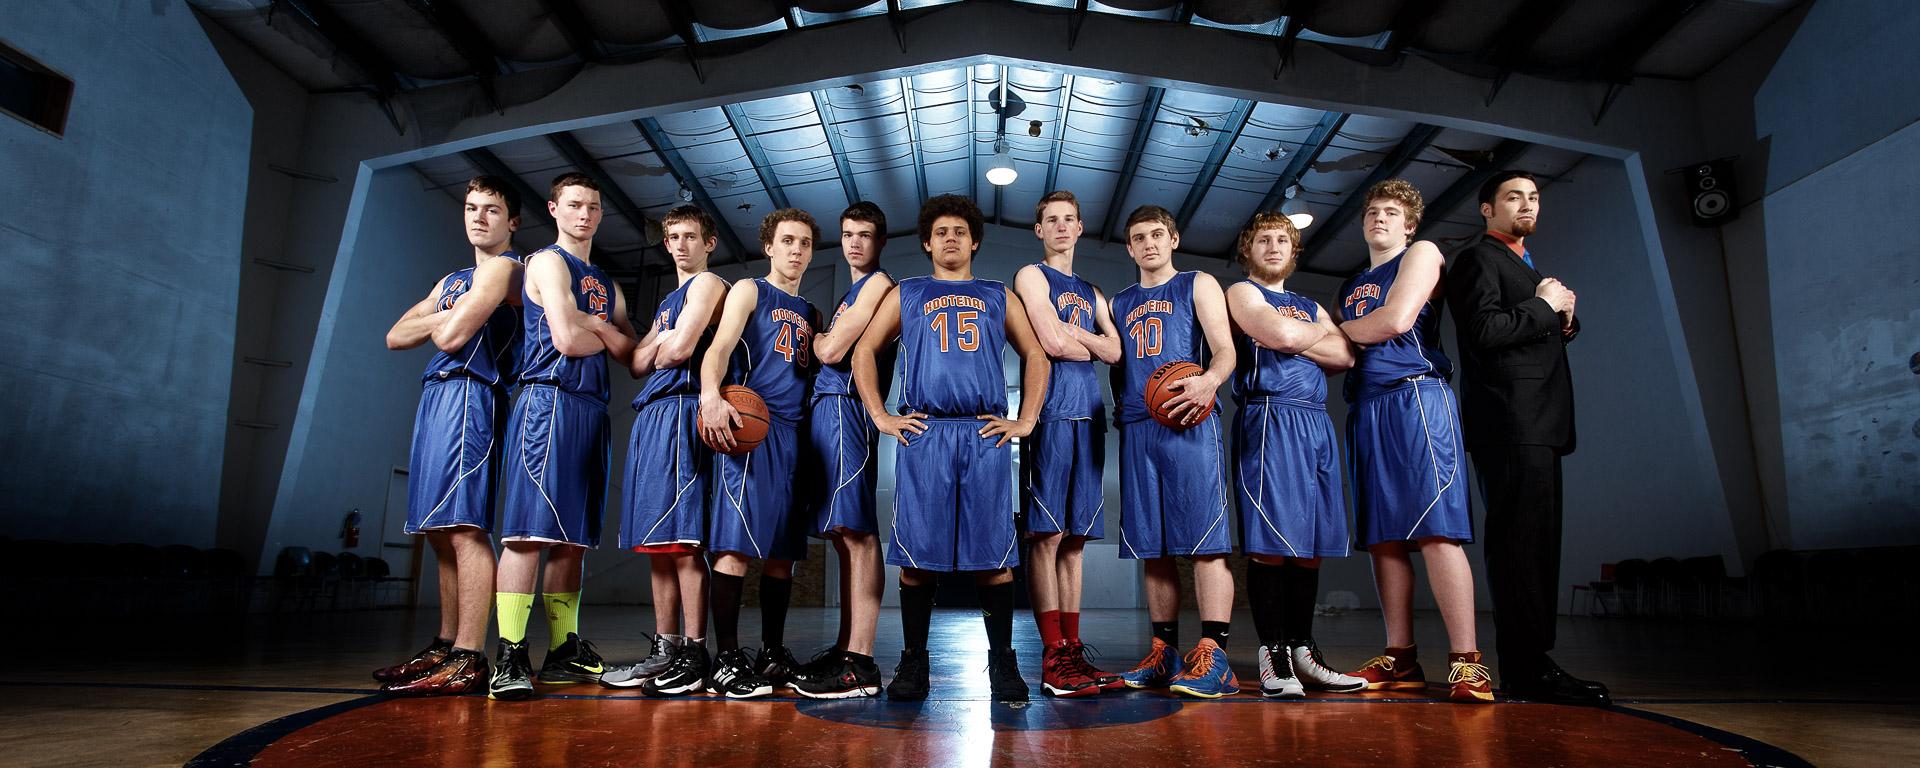 Kootenai Thunder Team Photo